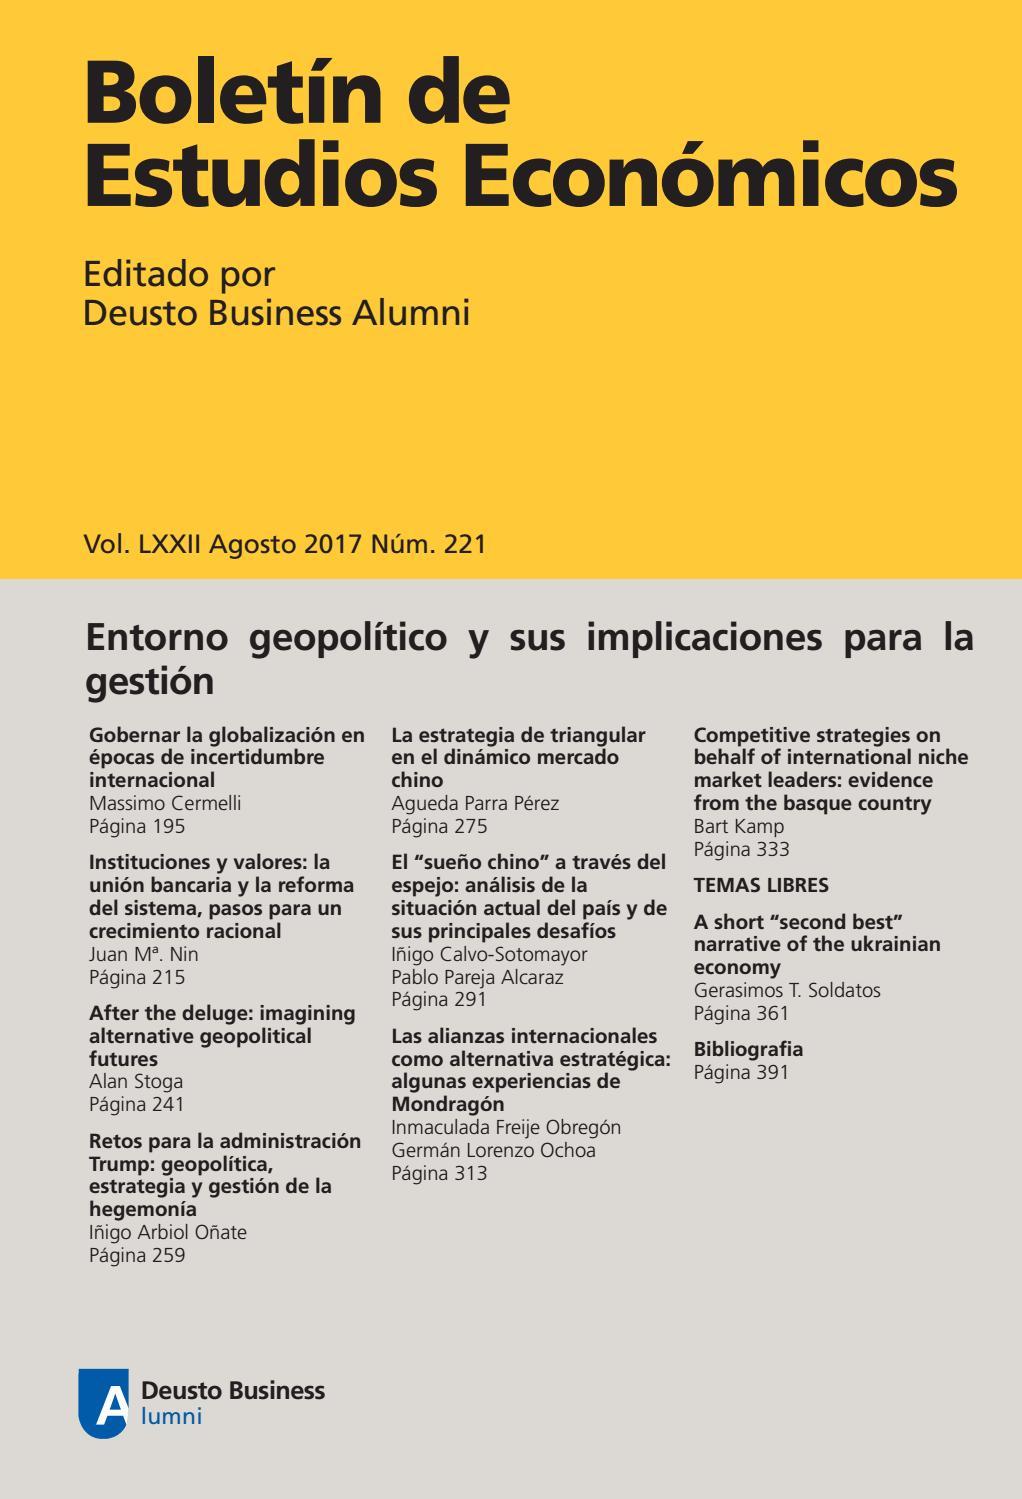 afb63e11c Boletín de Estudios Económicos. Agosto 2017. Num. 221 by Deusto ...